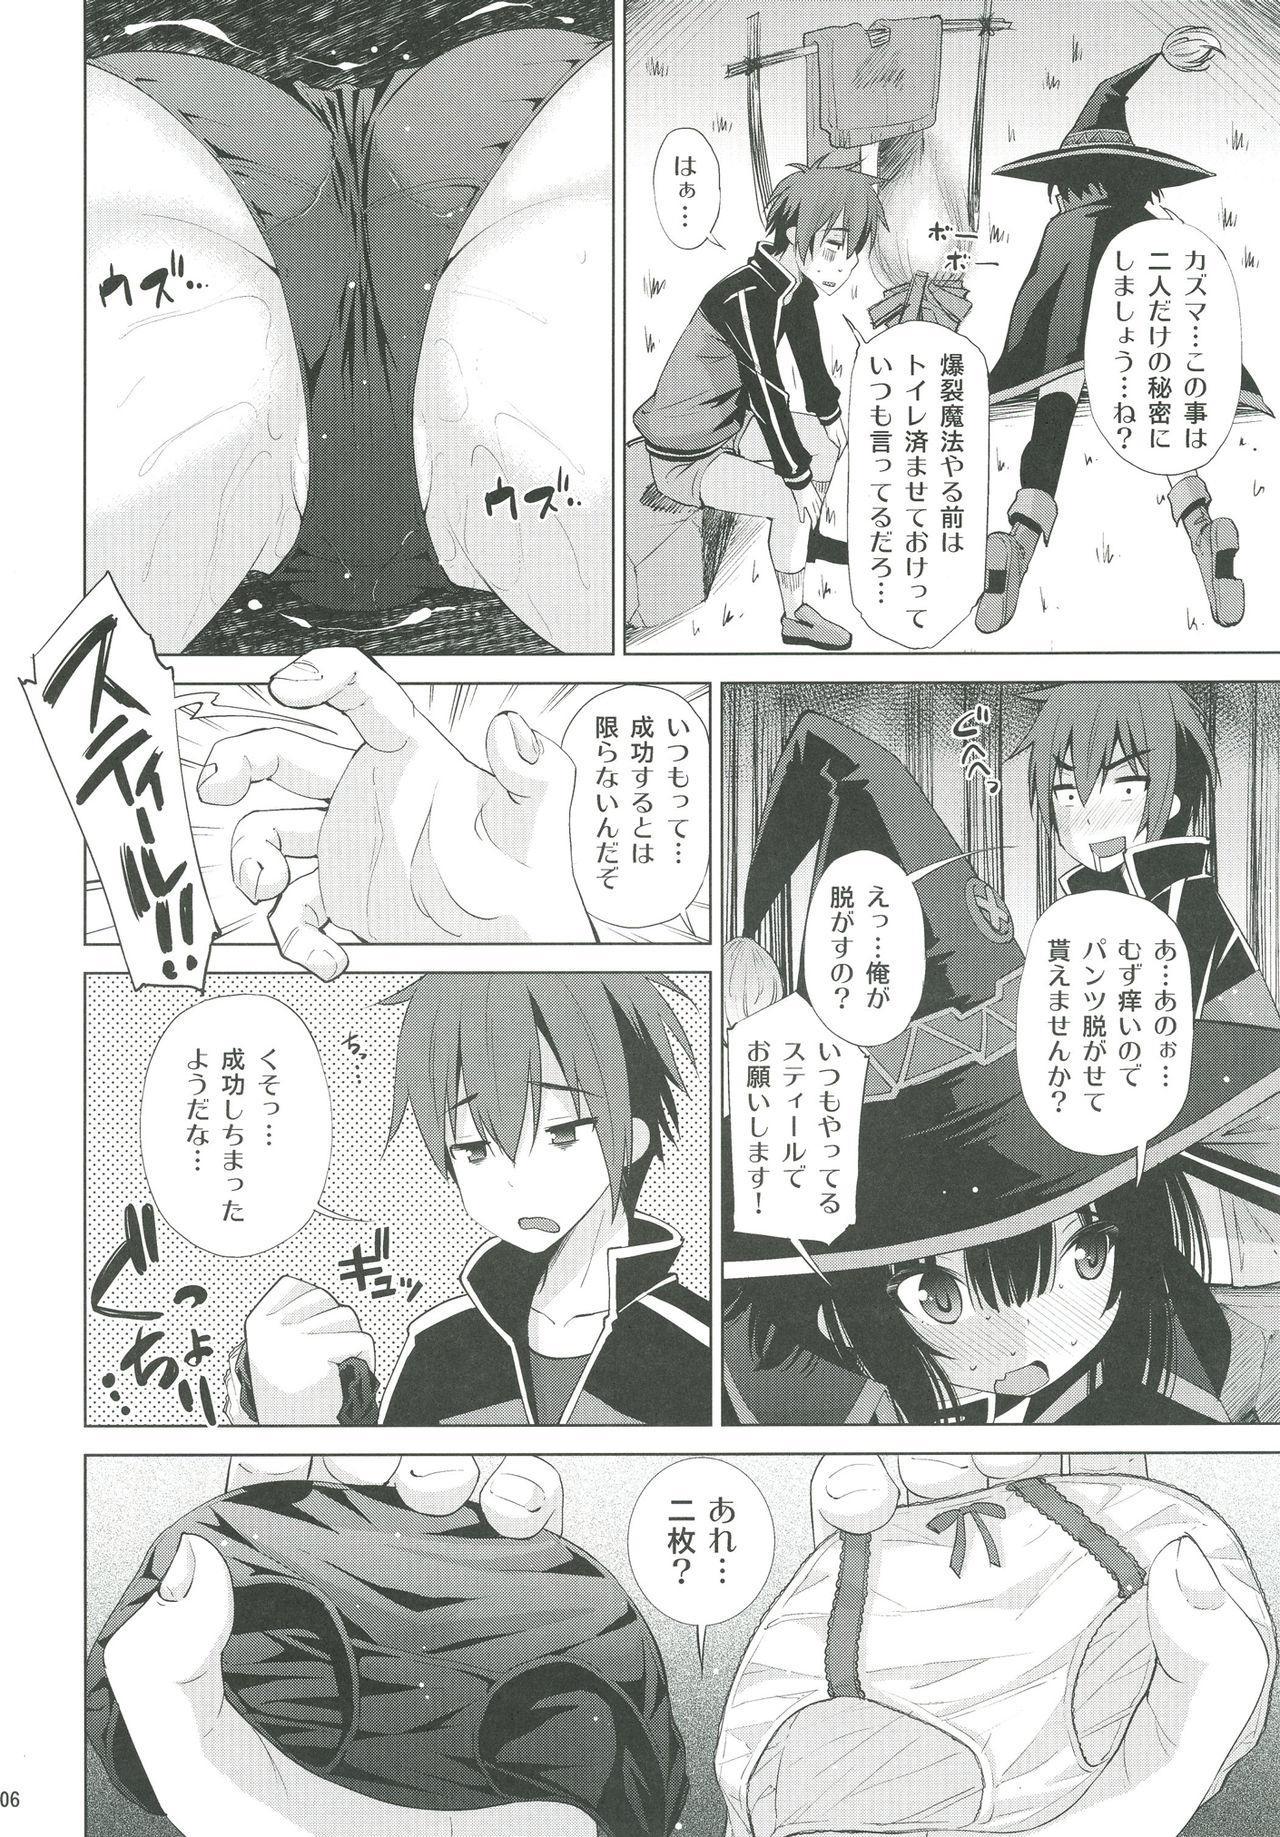 Kono Iyarashii Ekitai wa Nan desu ka? 4